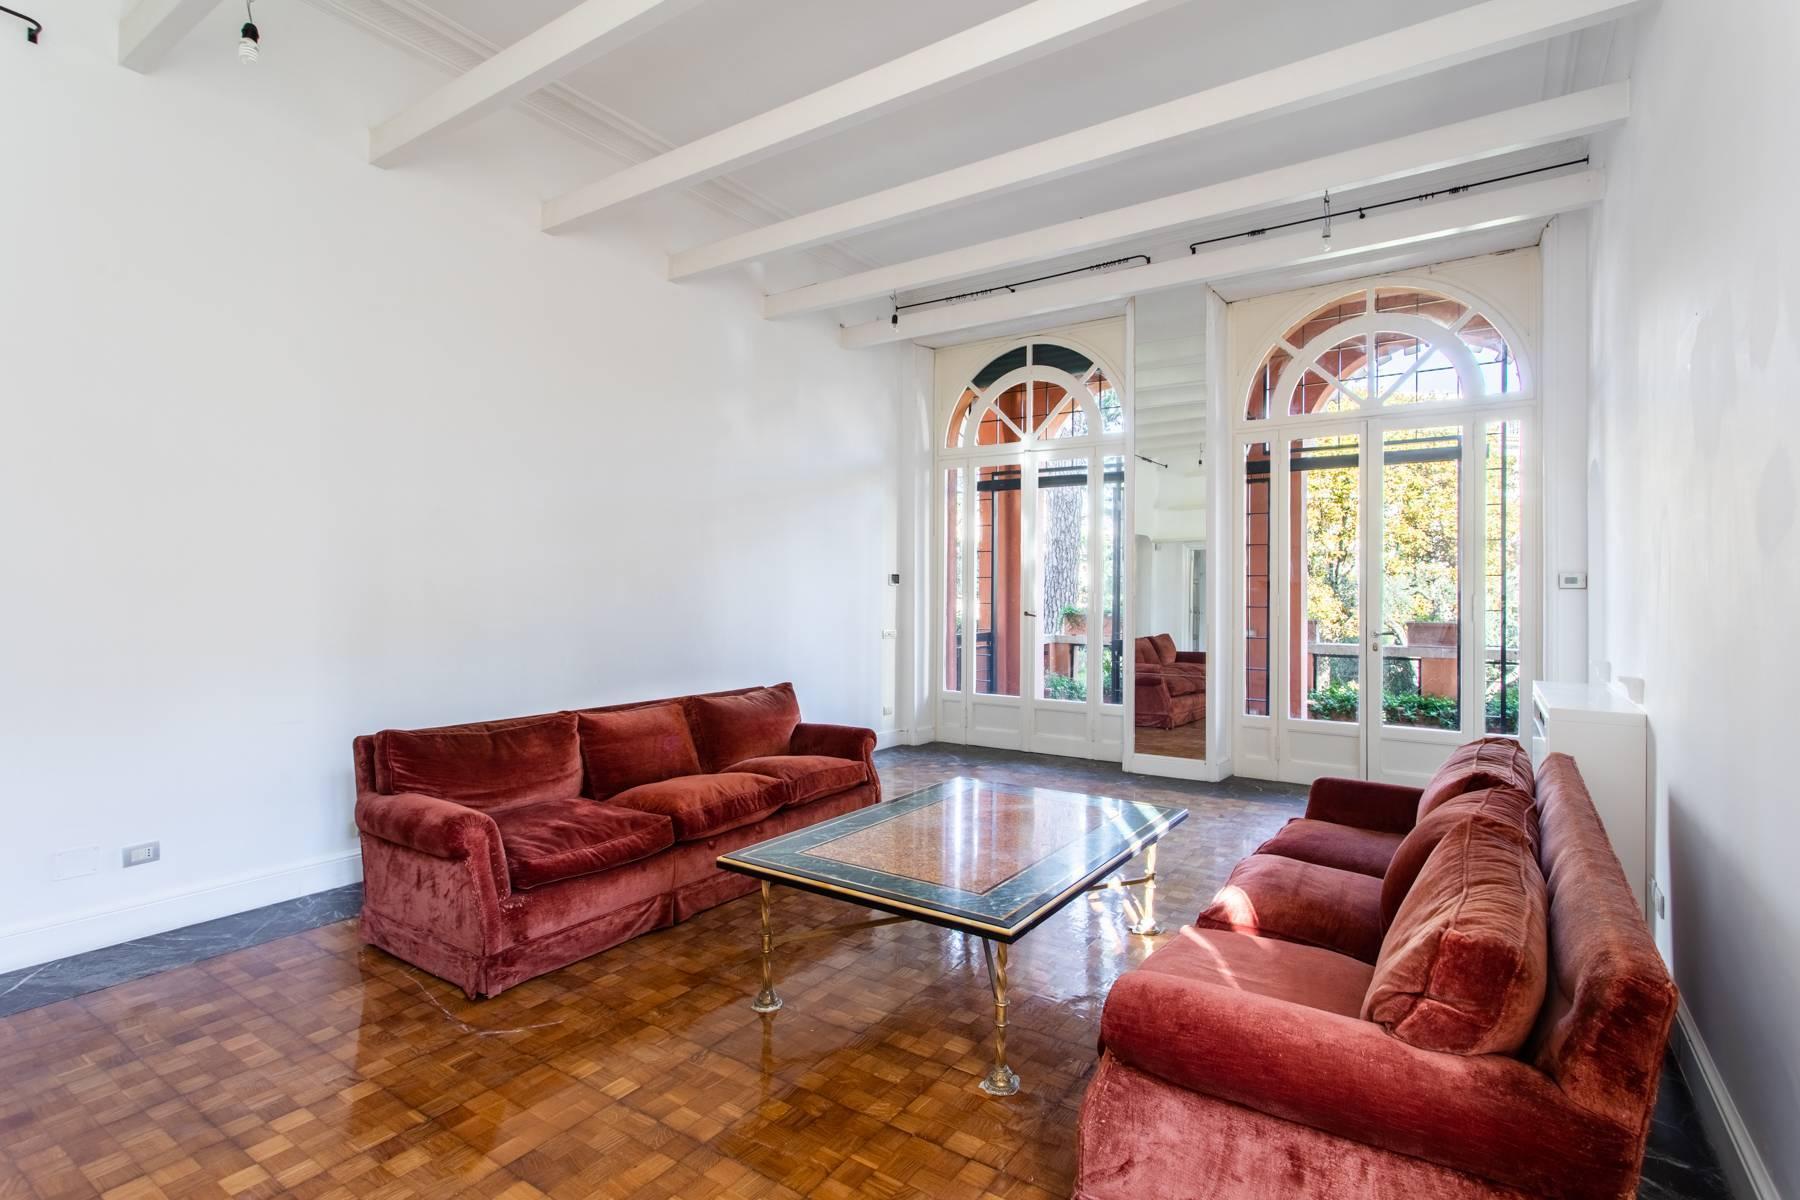 Appartement élégant avec vue sur le jardin - 3